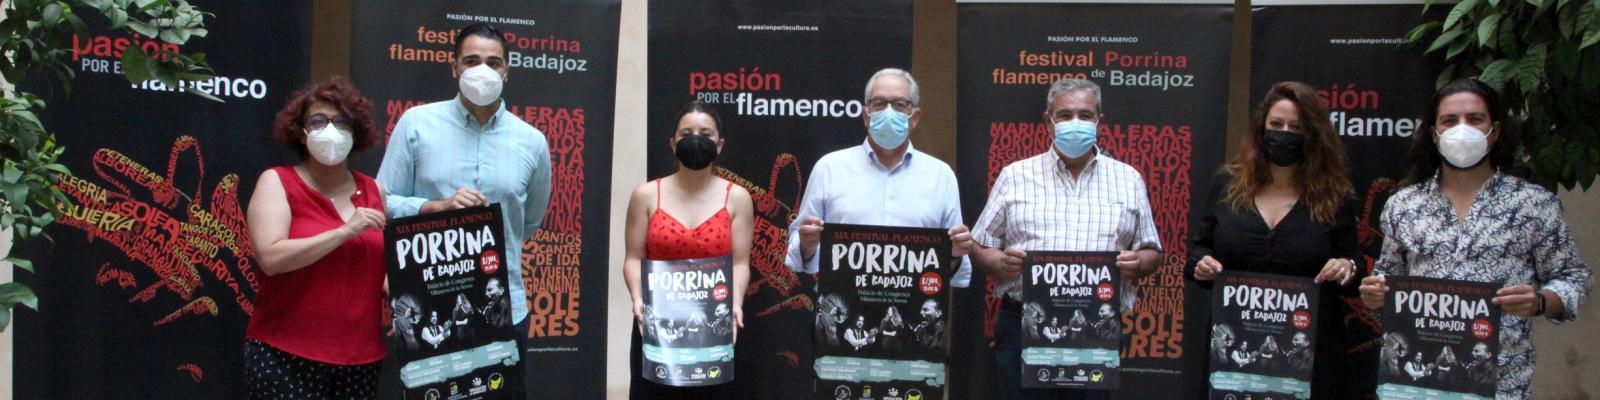 El Festival Porrina de Badajoz se celebrará el 3 de julio en Villanueva de la Serena